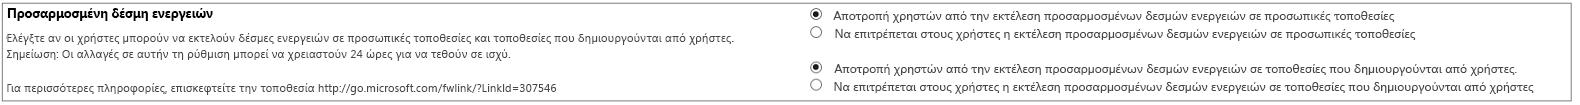 Ενότητα προσαρμοσμένων δεσμών ενεργειών της σελίδας ρυθμίσεων στο κέντρο διαχείρισης του SharePoint